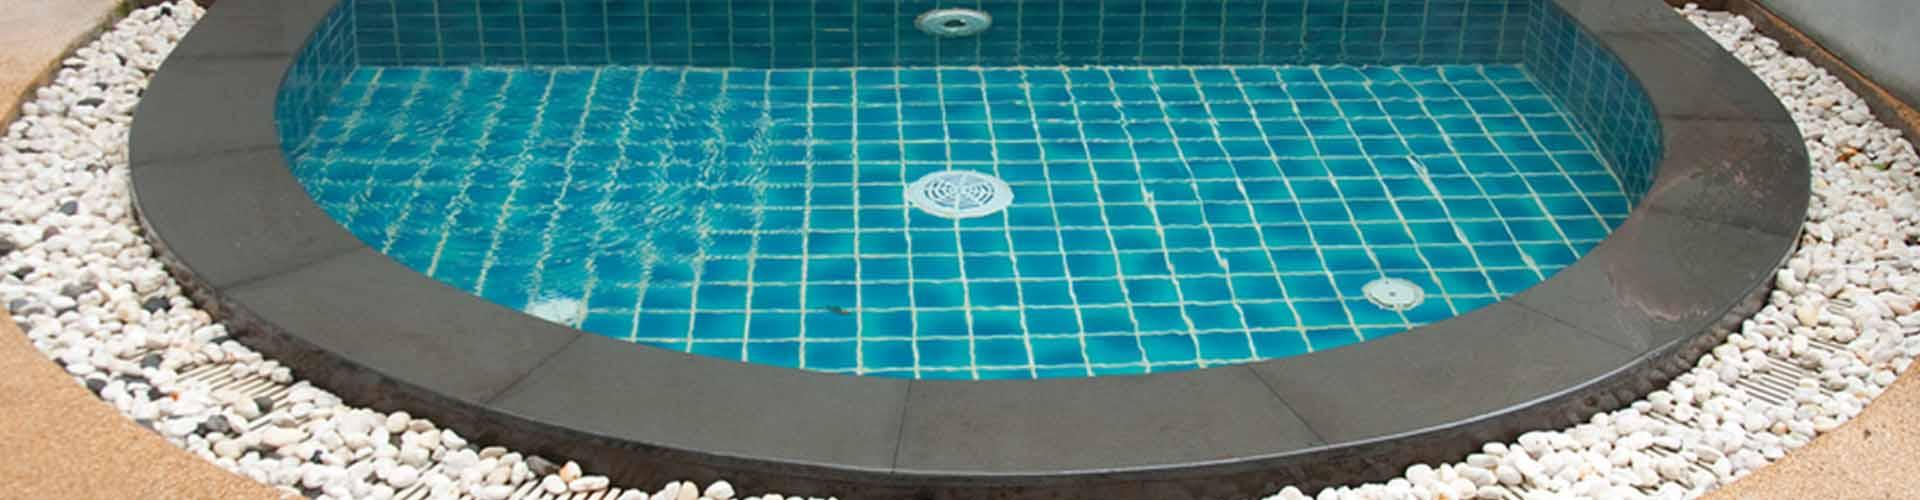 Full Size of Mini Pool Vorteile Ausziehtisch Garten Beistelltisch Schaukel Für Und Landschaftsbau Berlin Hamburg Klettergerüst Im Bauen Loungemöbel Trennwand Sichtschutz Garten Mini Pool Garten